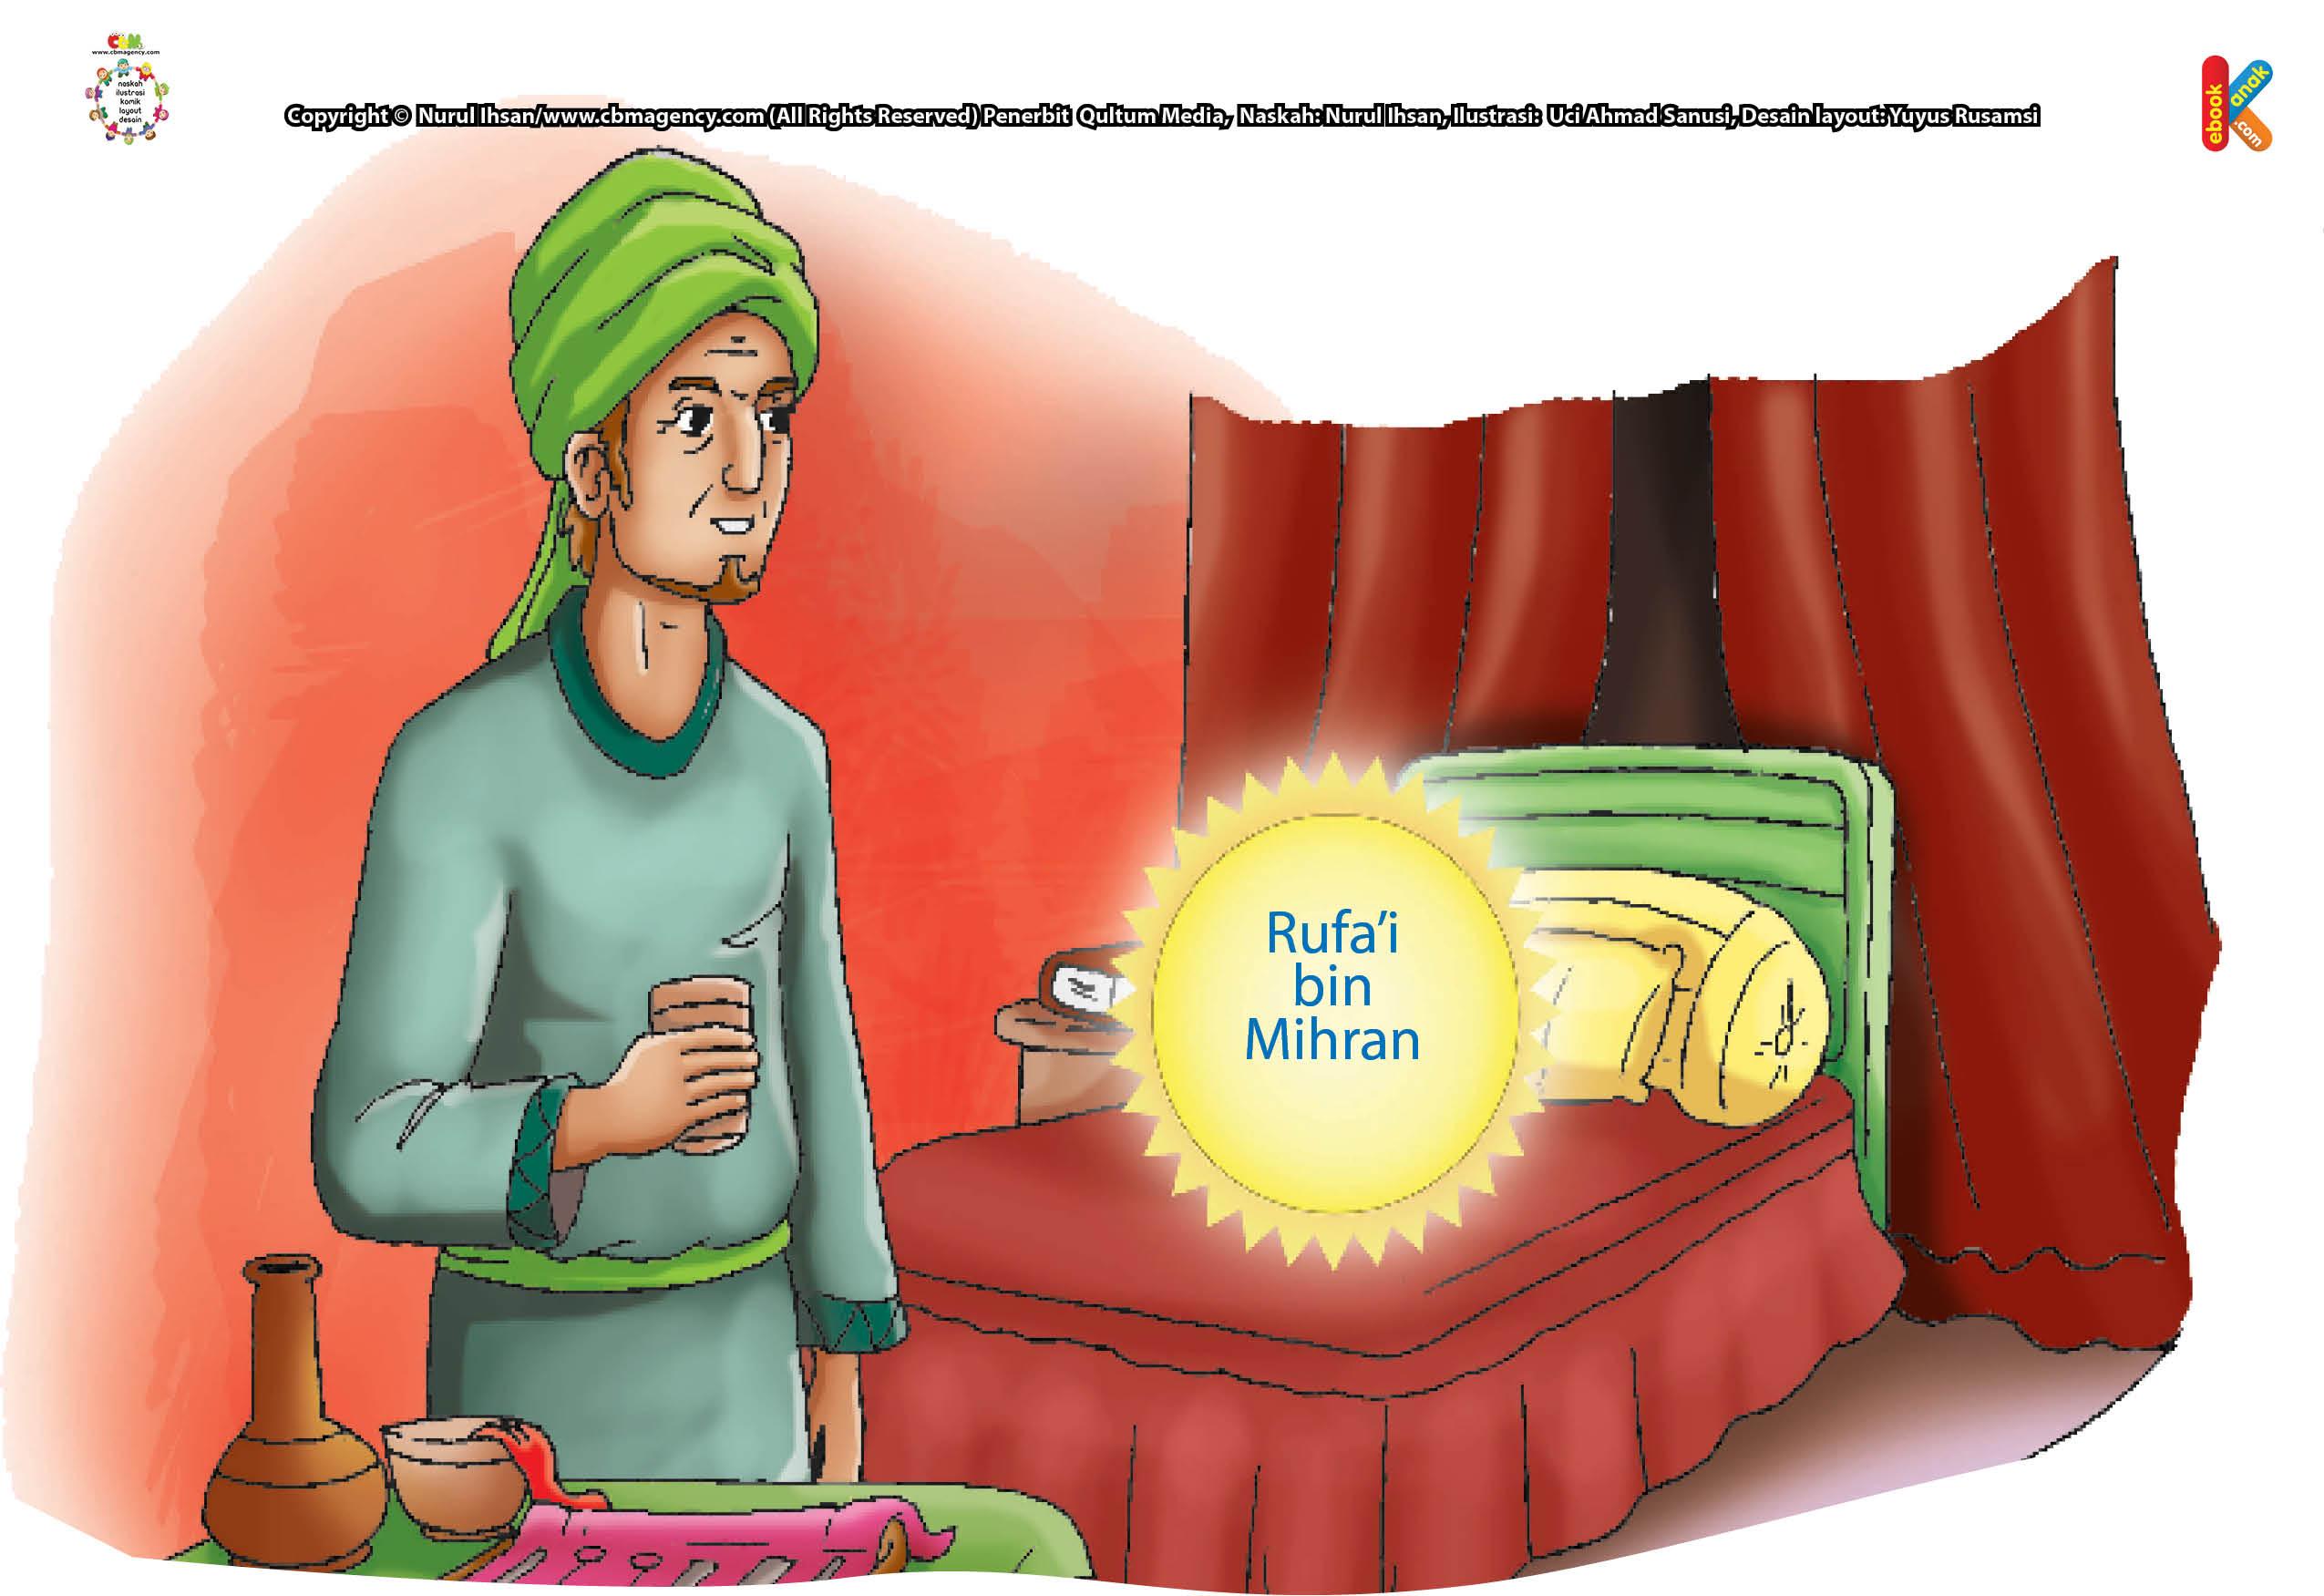 Saat tabib menyuruh meminum obat bius agar Rufa'i bin Mihran tak sakit sewaktu kakinya dipotong. Namun Rufa'i bin Mihran menolak, karena ia lebih memilih untuk memanggil pembaca Al-Qur'an.